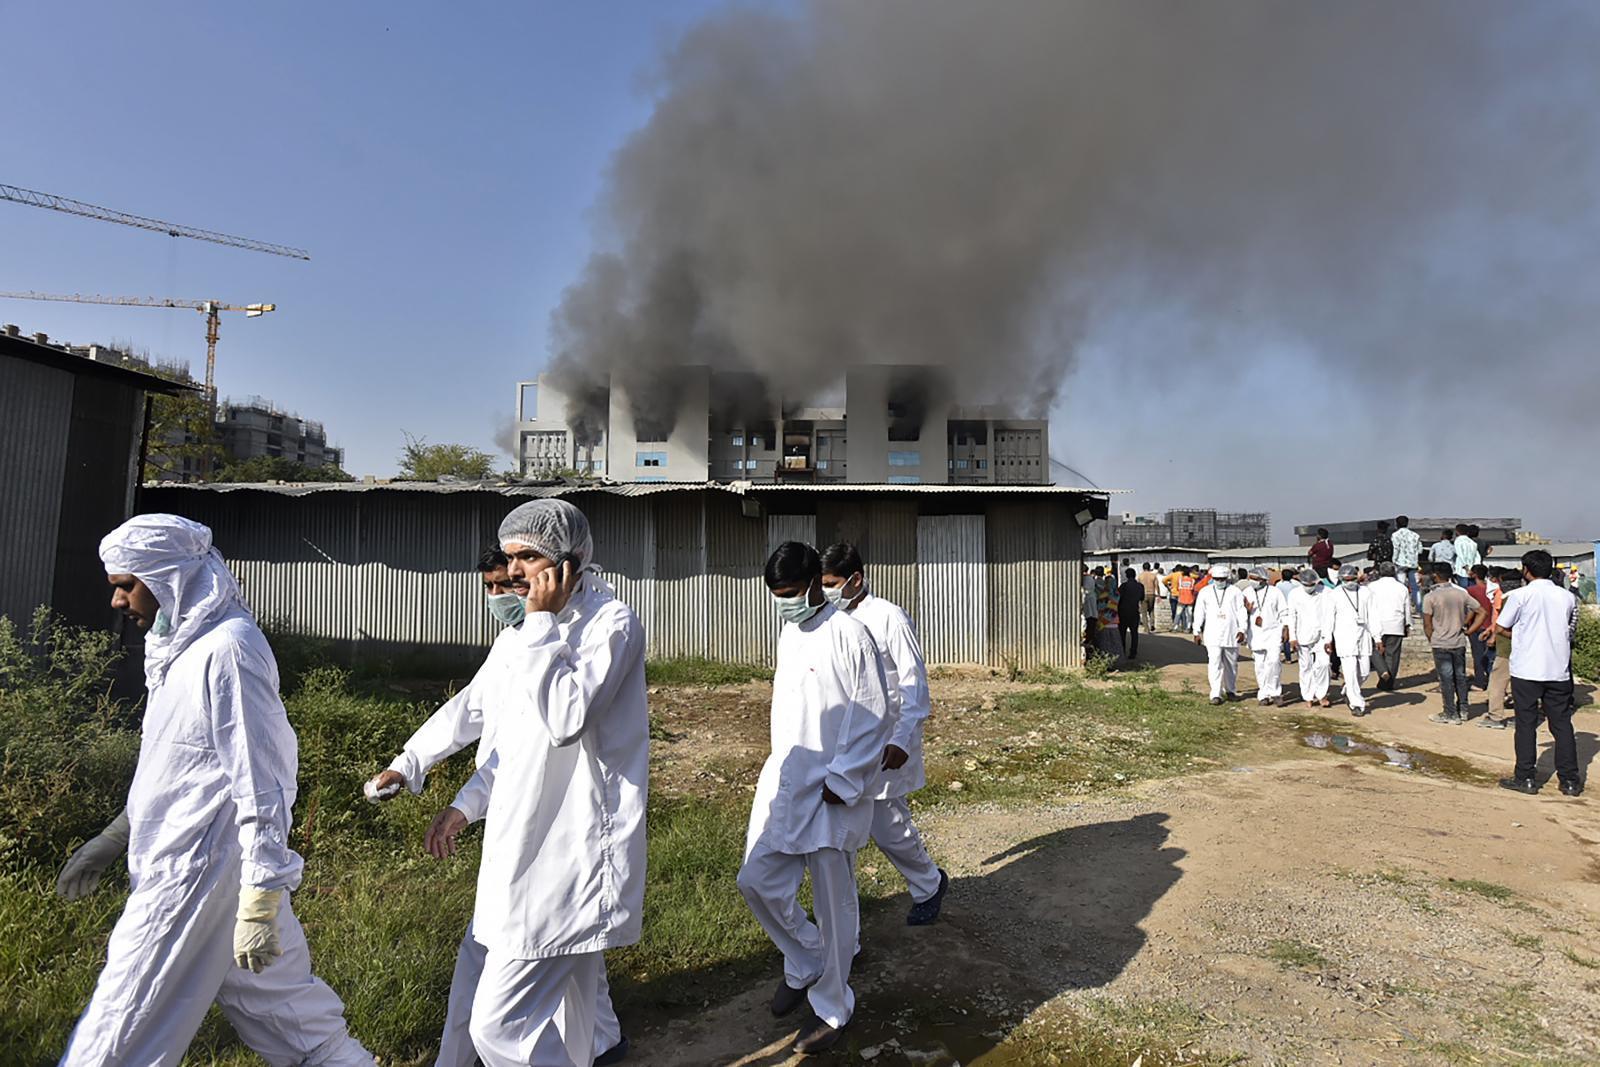 ไฟไหม้โรงงานสถาบันเซรุ่มอินเดีย ผู้ผลิตวัคซีนโควิด-19 รายใหญ่ที่สุดในโลก